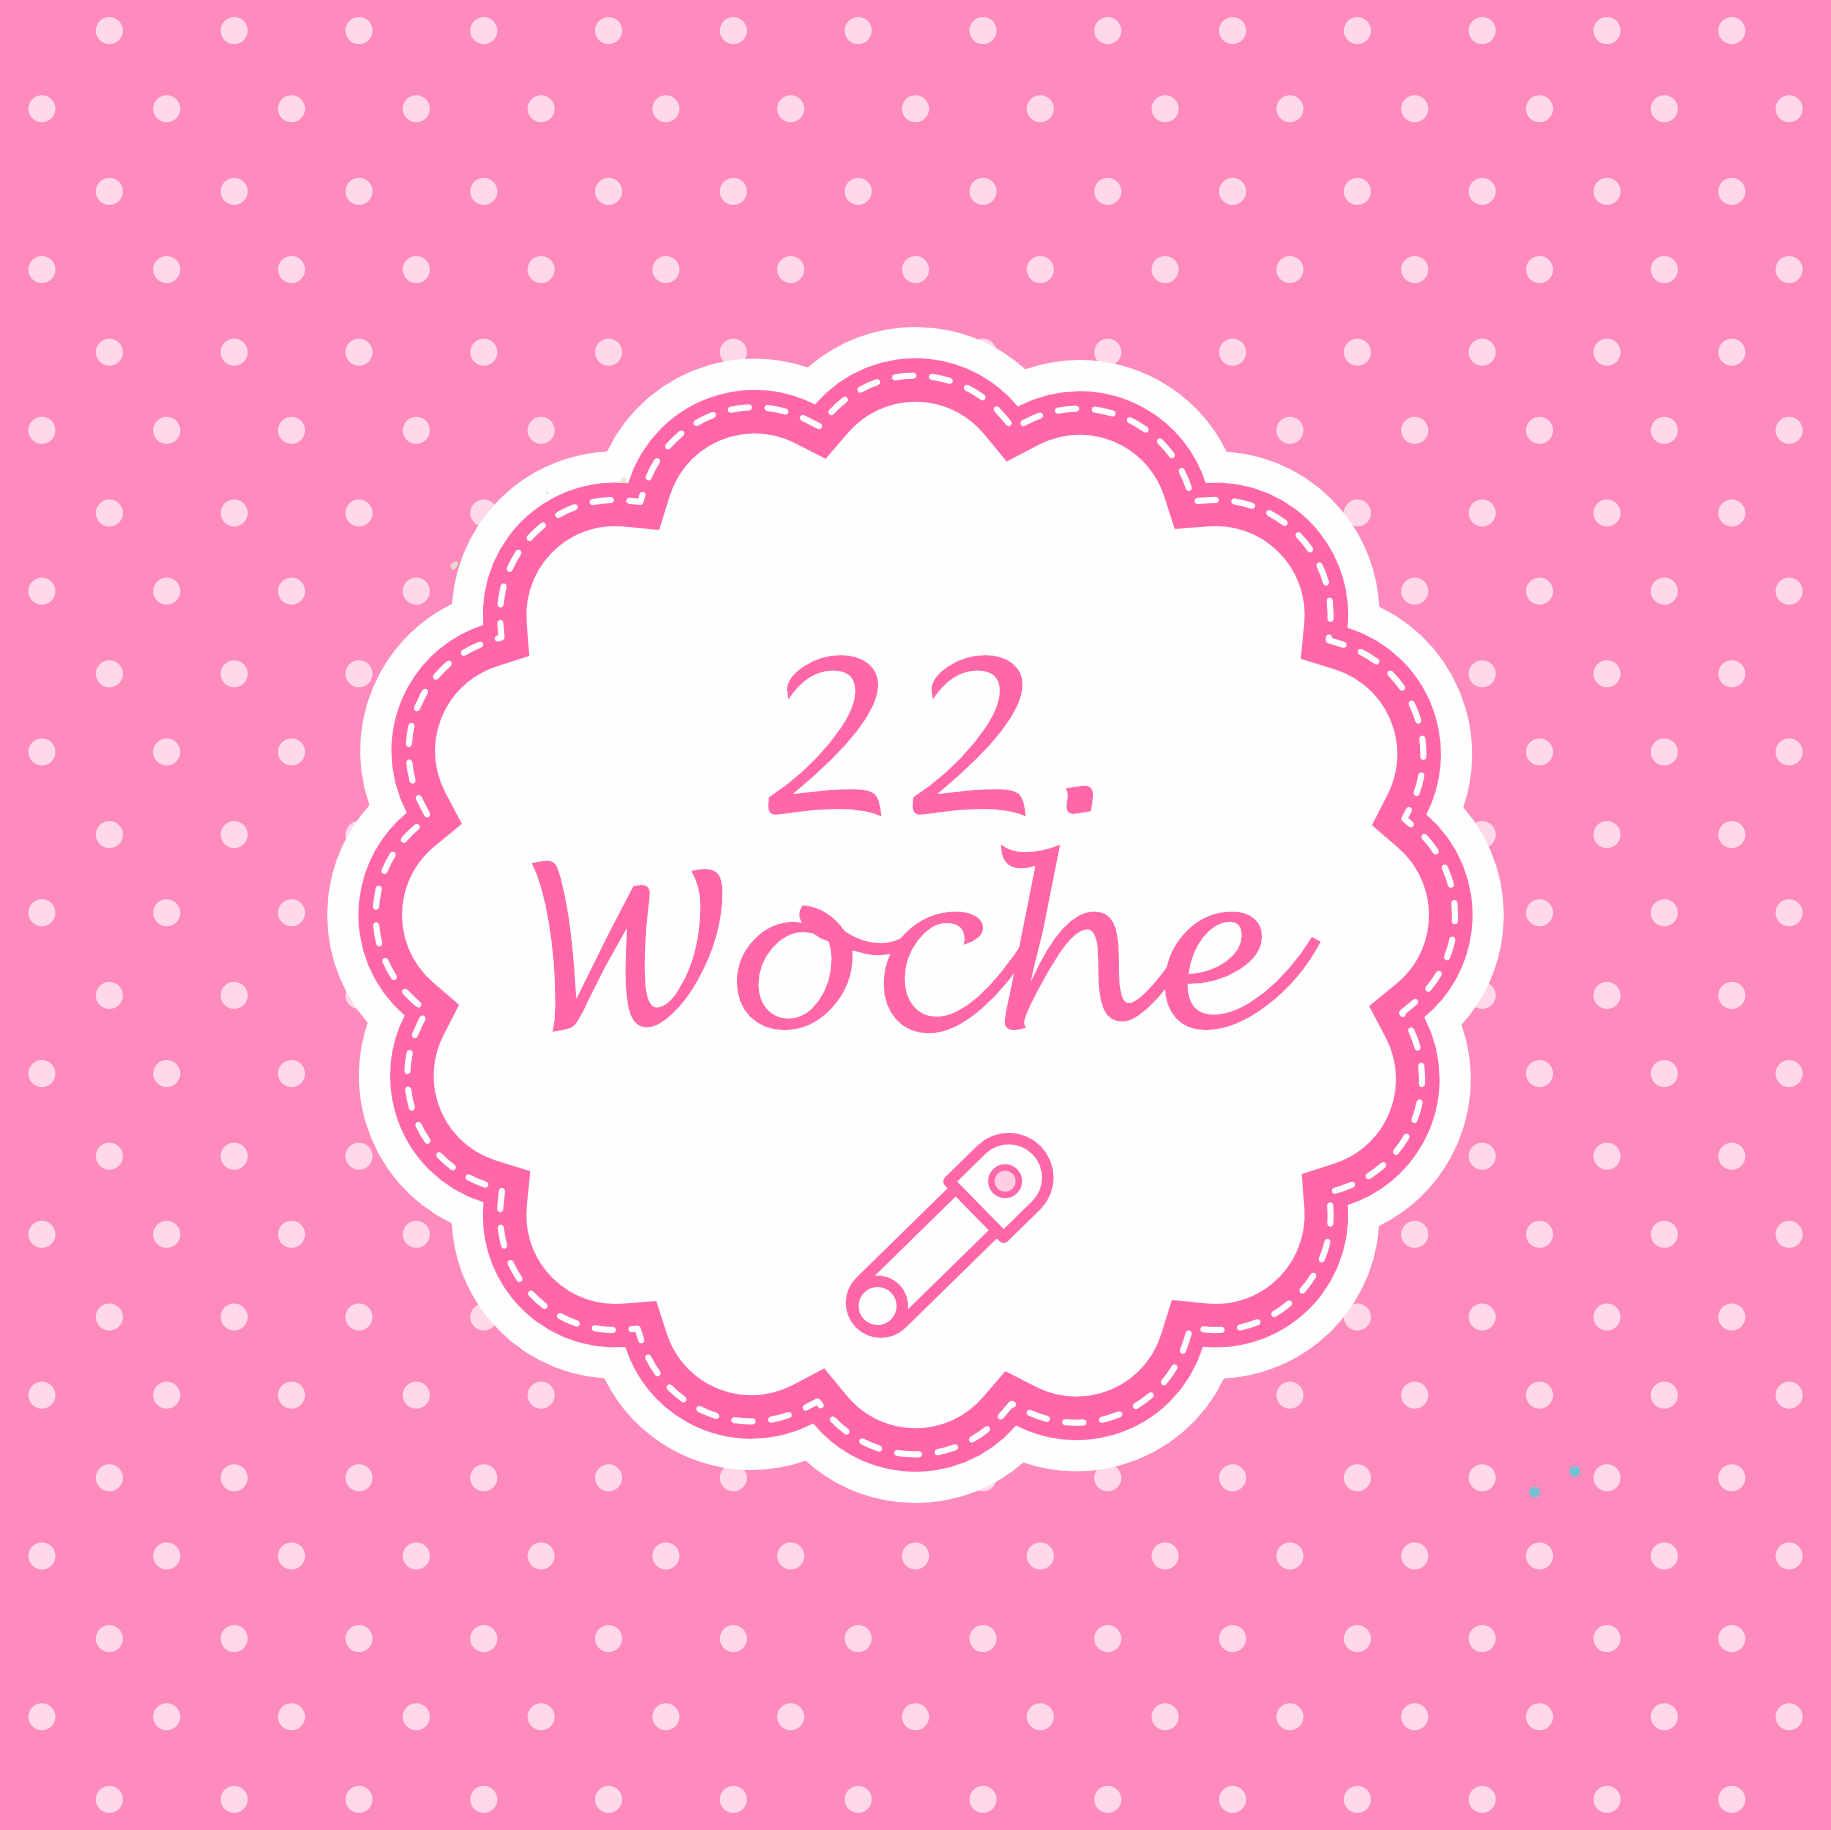 22. Woche Meilenstein Schwangerschaft Instagram